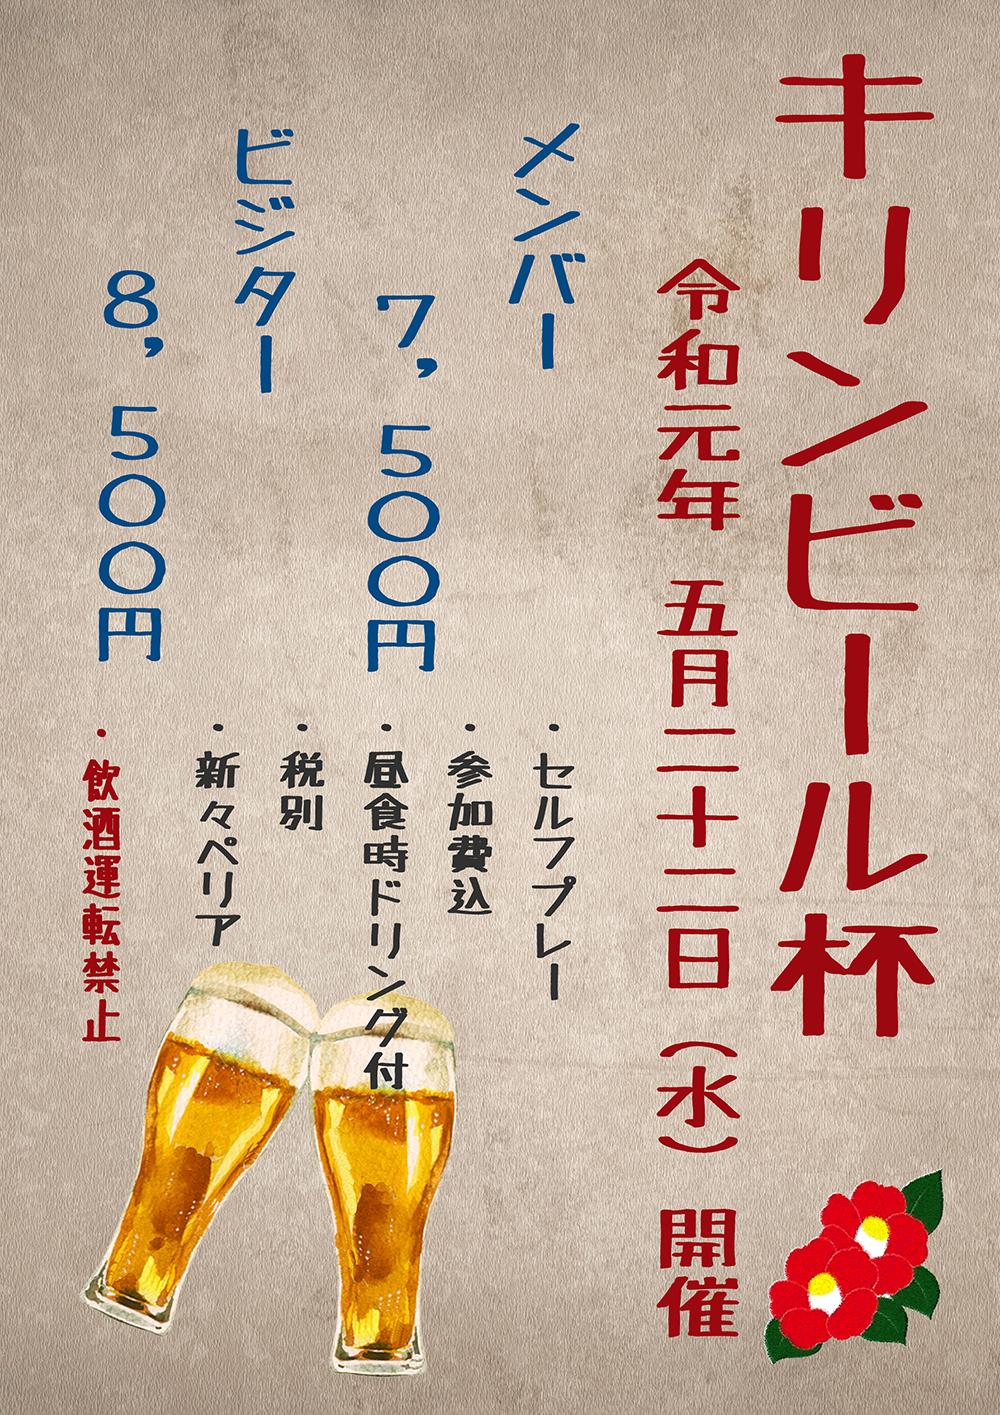 キリンビール杯POP